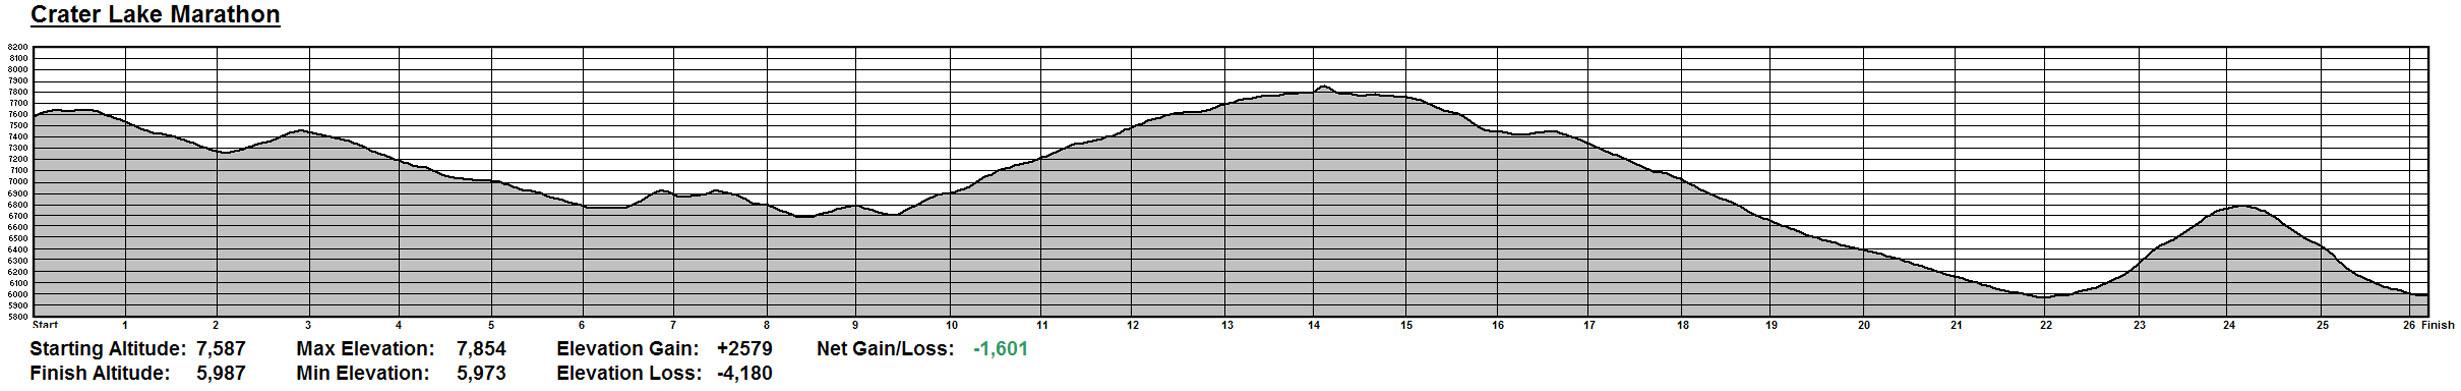 Crater Lake Marathon